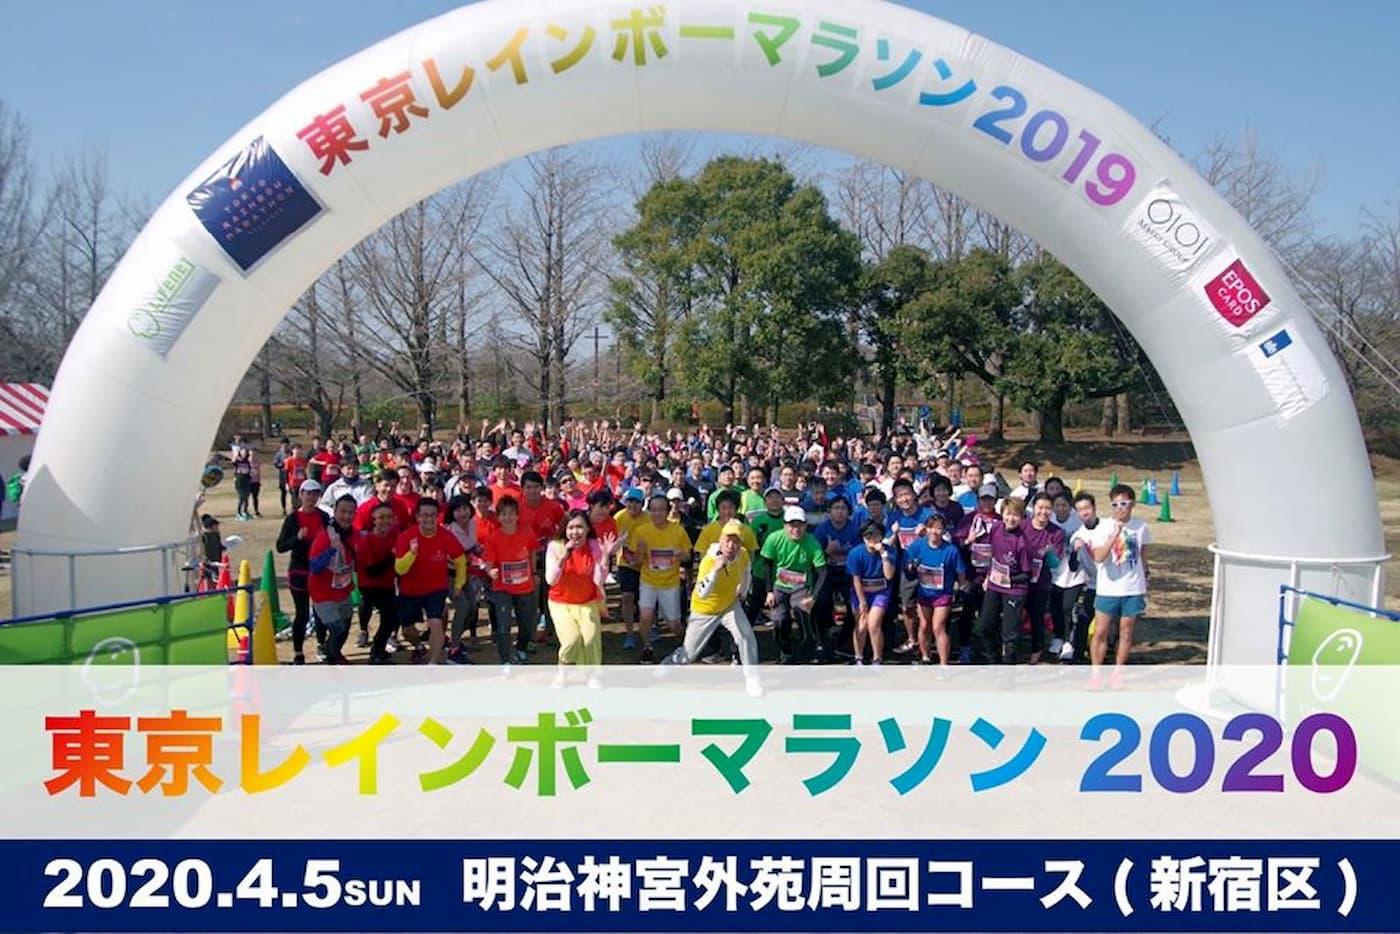 東京レインボーマラソン2020 | 東京(明治神宮外苑周辺特設会場)